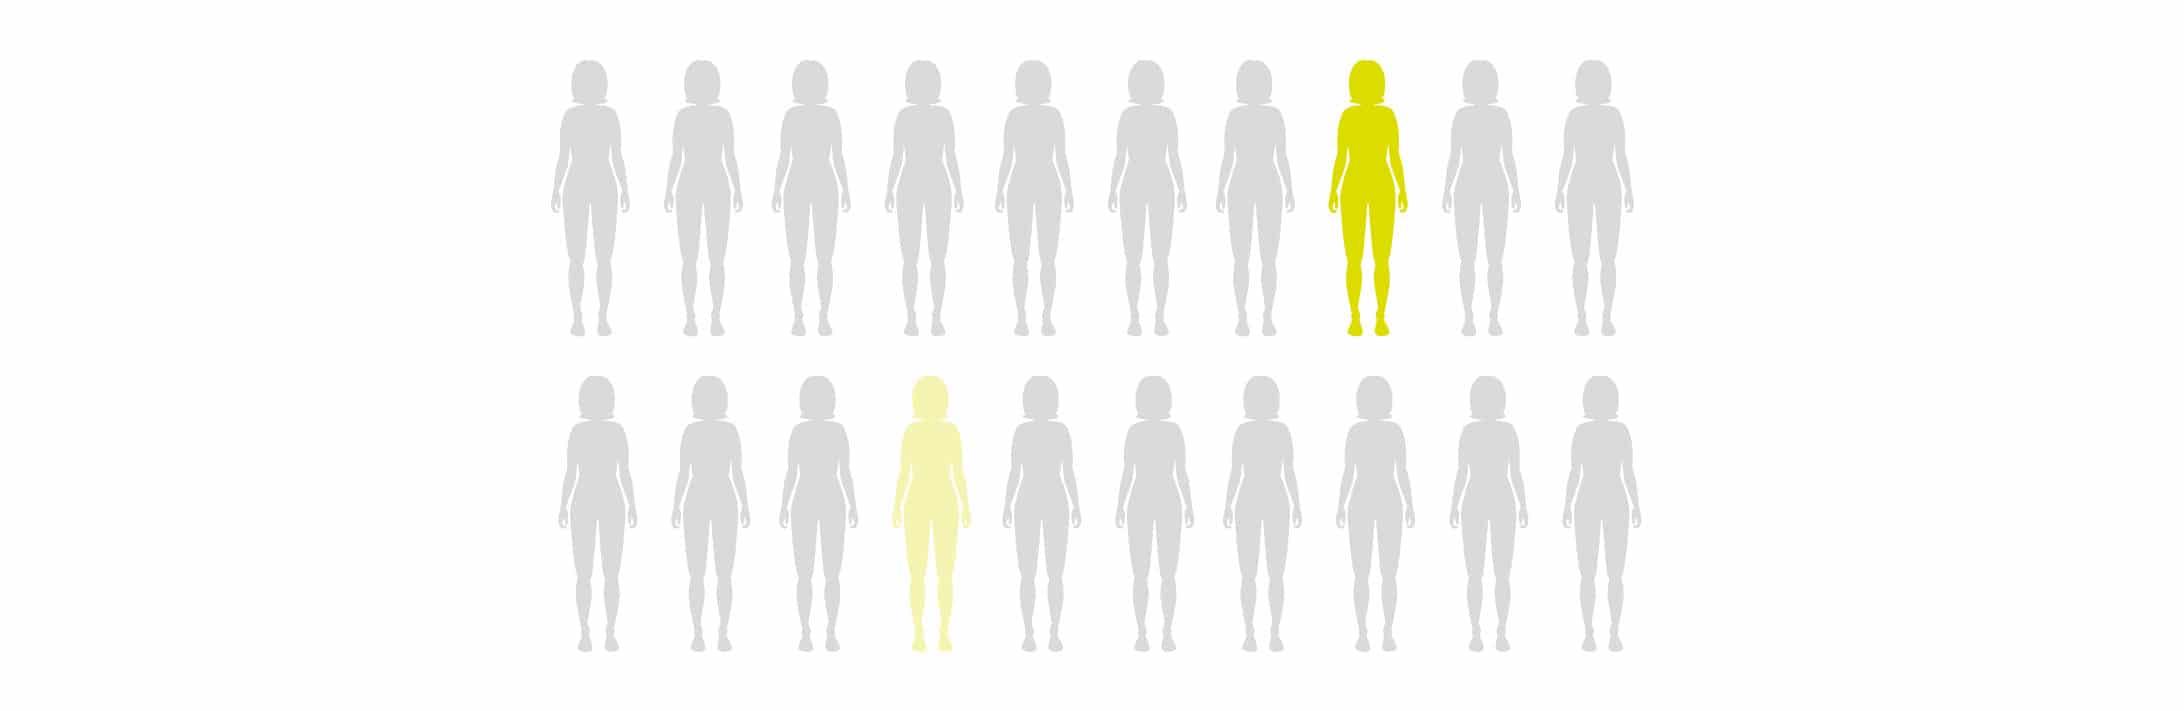 Anteil erblich bedingter Erkrankungen an Brustkrebs